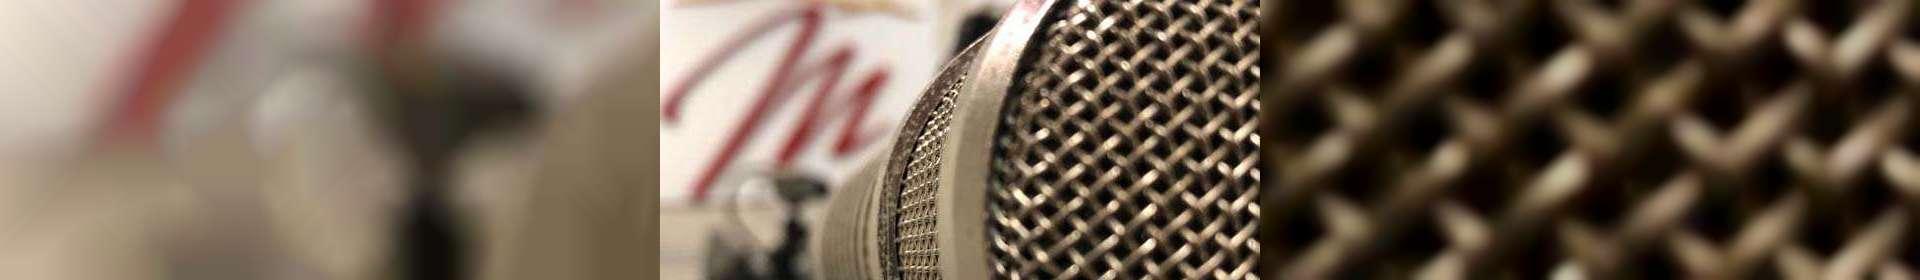 Entrevistas Rádio Maanaim - O ensino de crianças, intermediários e adolescentes da ICM